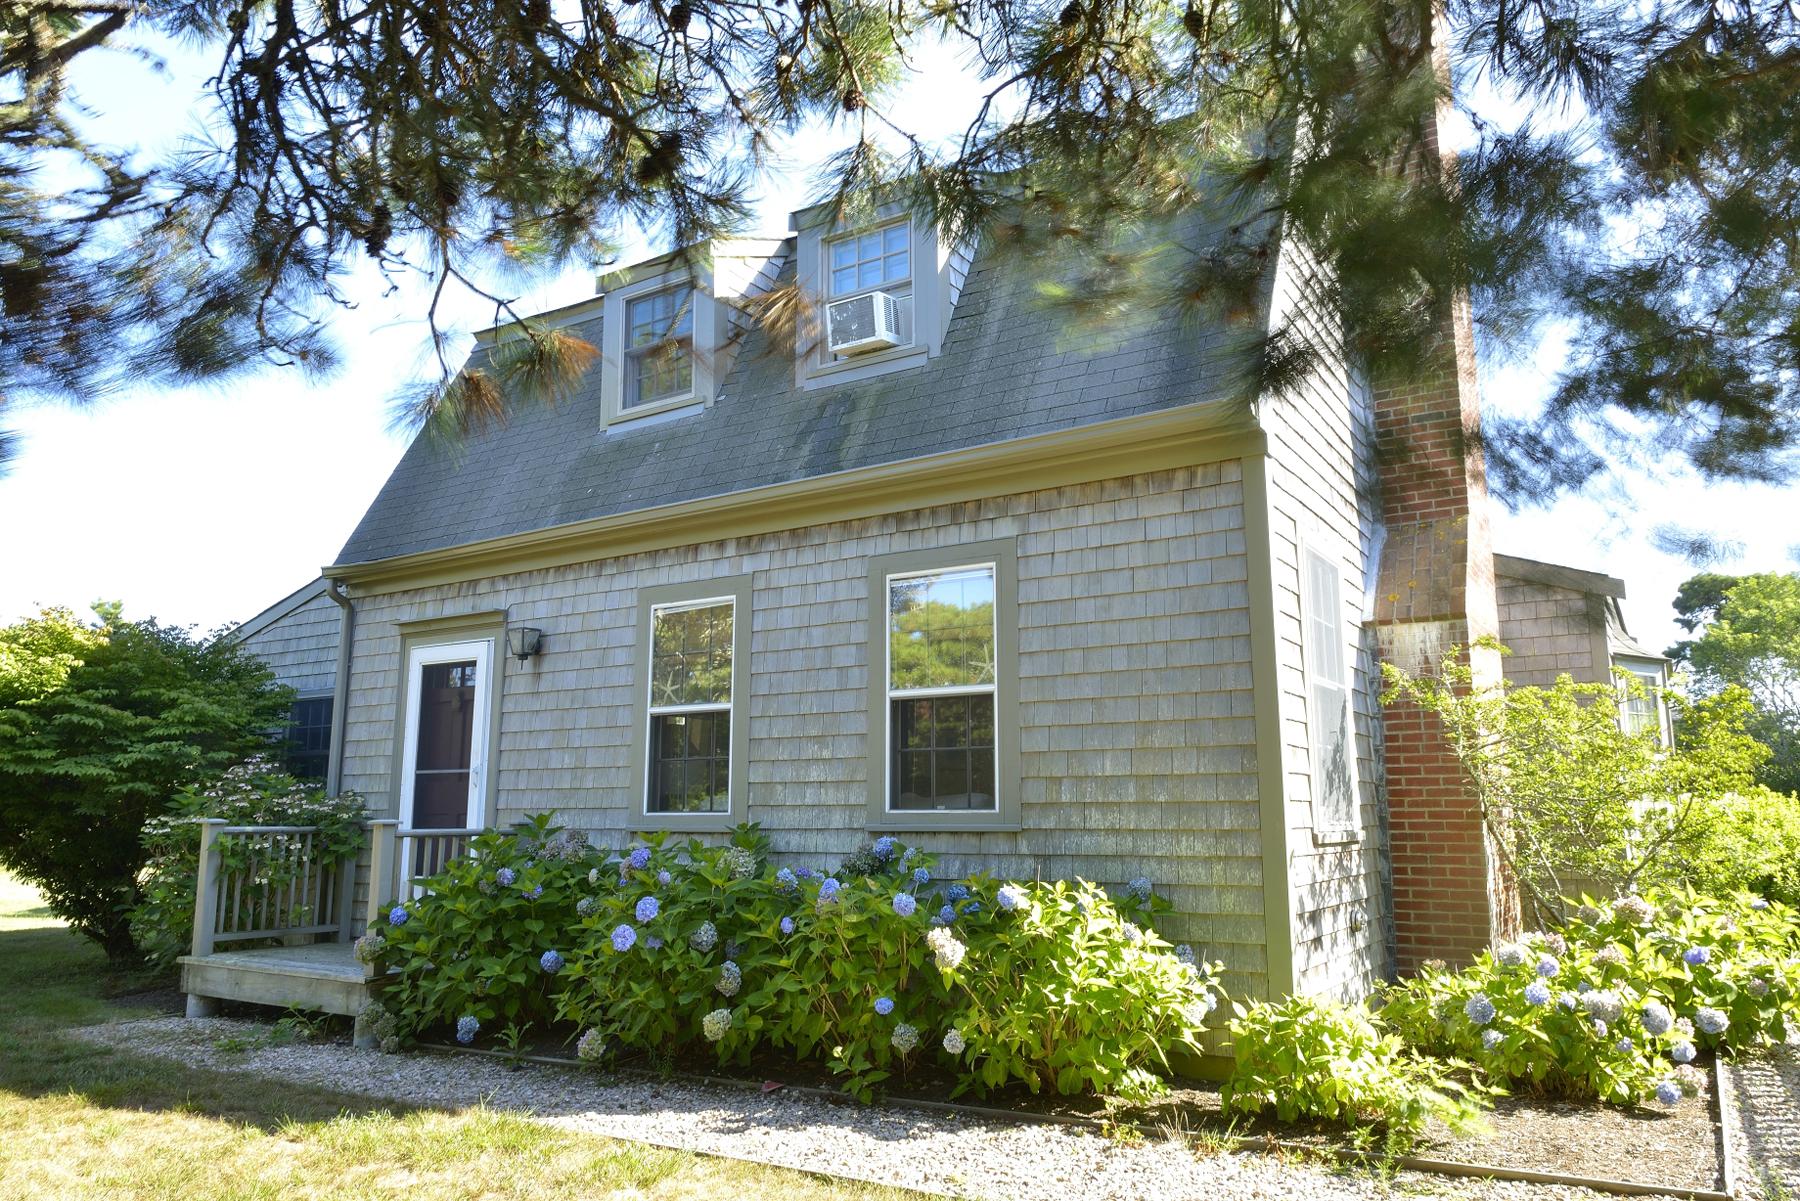 Einfamilienhaus für Verkauf beim Surfside Main House and Guest Cottage 15 Masaquet Avenue Nantucket, Massachusetts 02554 Vereinigte Staaten